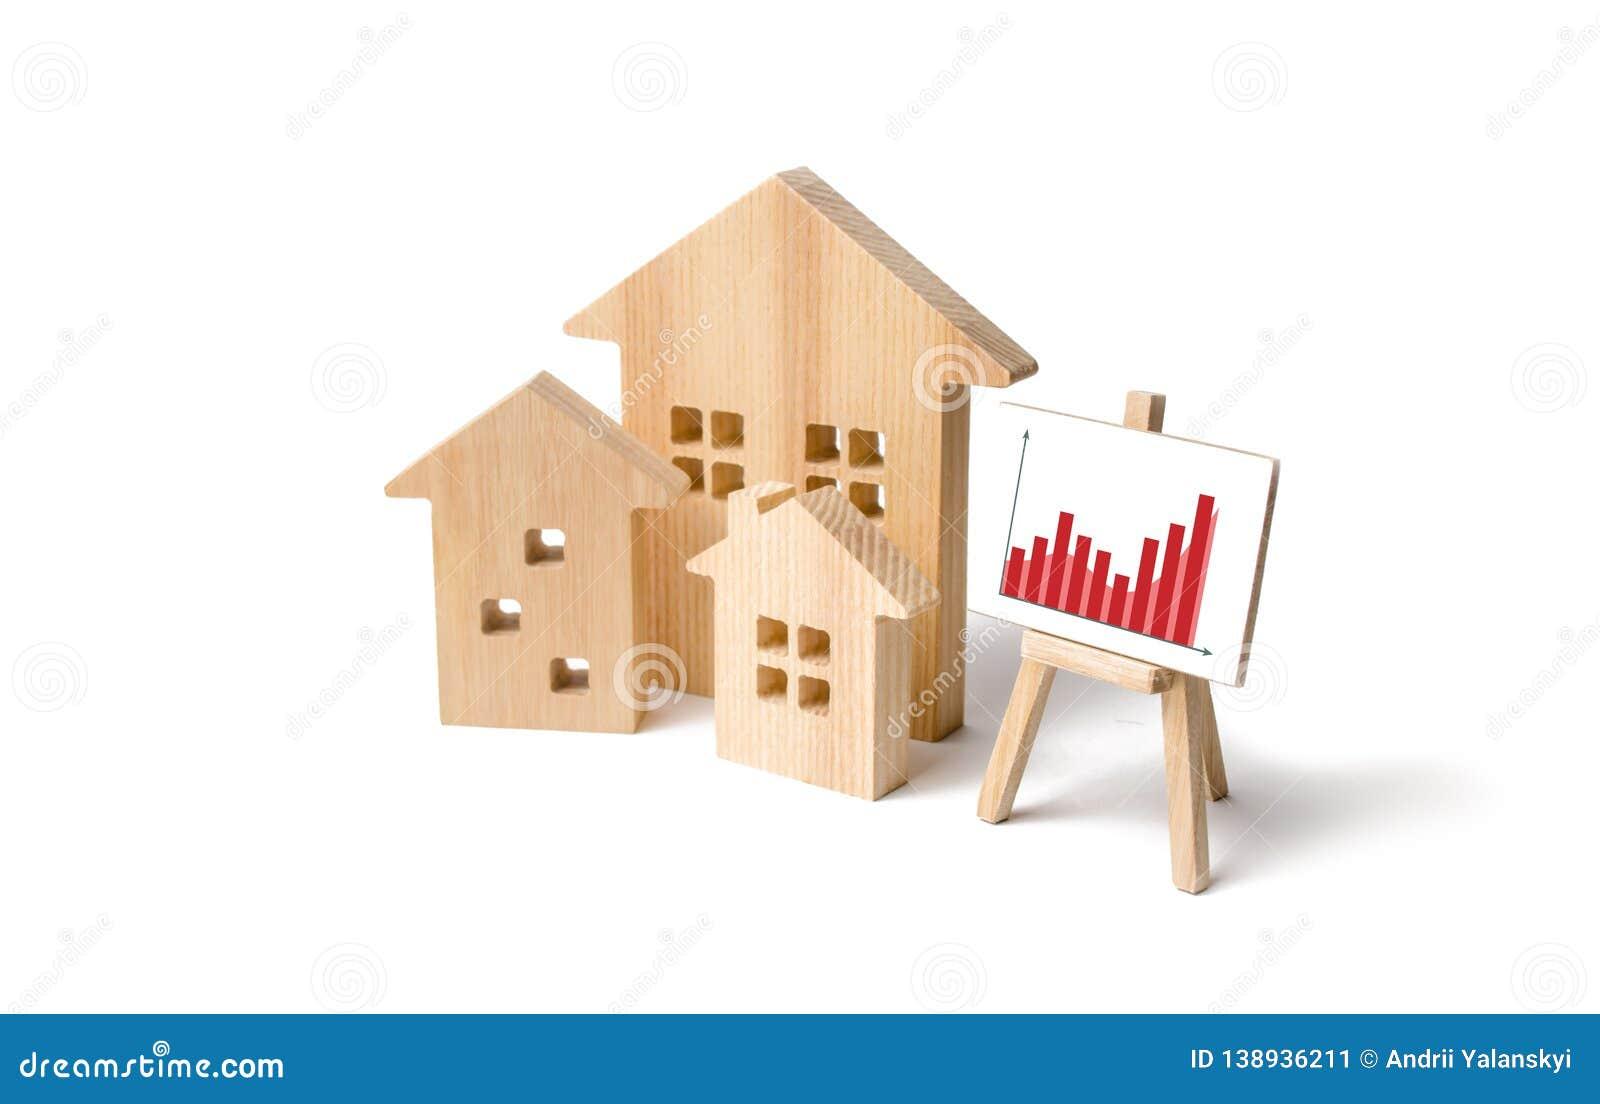 Drewniani domy z stojakiem grafika i informacja Rosnący popyt dla mieścić i nieruchomości Przyrost miasto